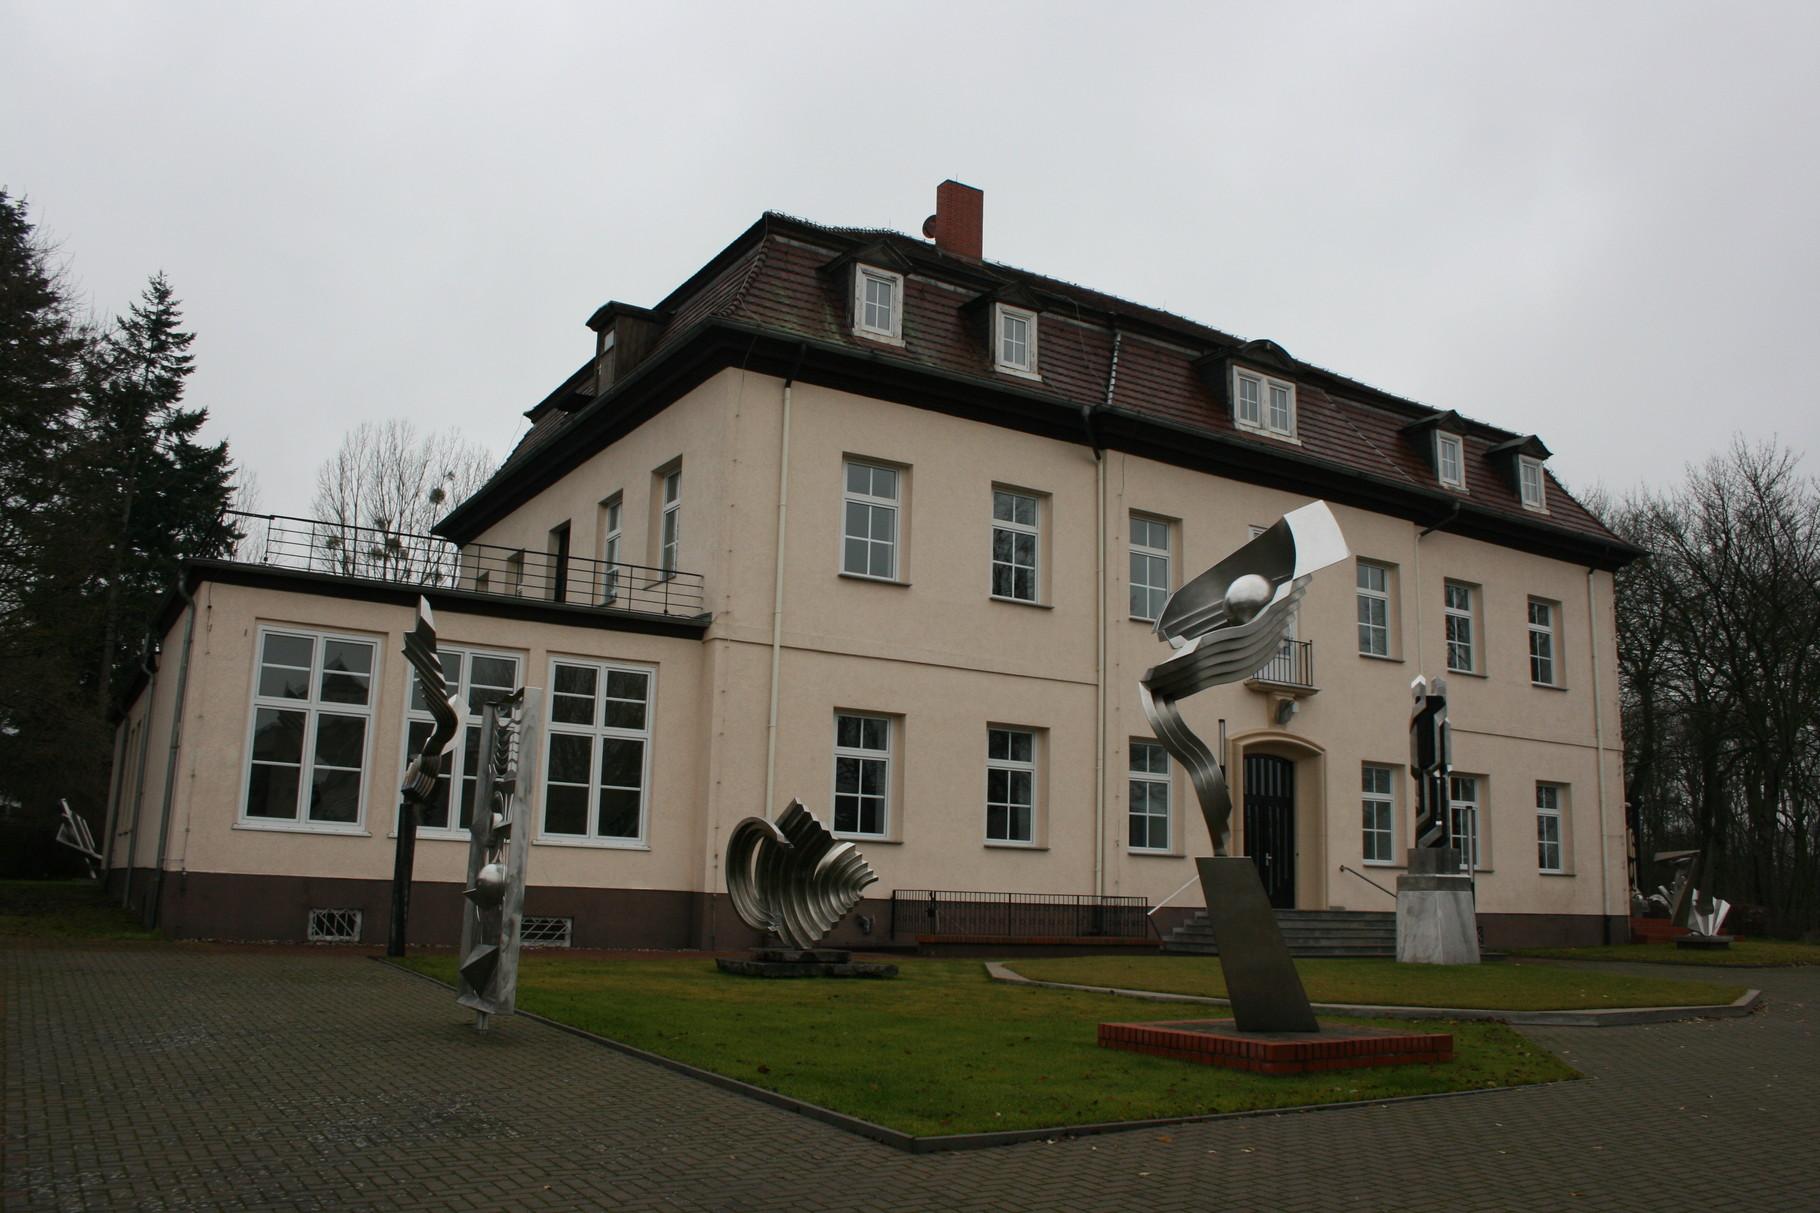 2003 wurde das frühere Brüssower Gutshaus, in dem sich lange Zeit eine Schule befand, für den im August 2012 im Alter von 82 Jahren verstorbenen international anerkannten Bildhauer Volkmar Haase zum Wohn- und Ausstellungsgebäude umgebaut.